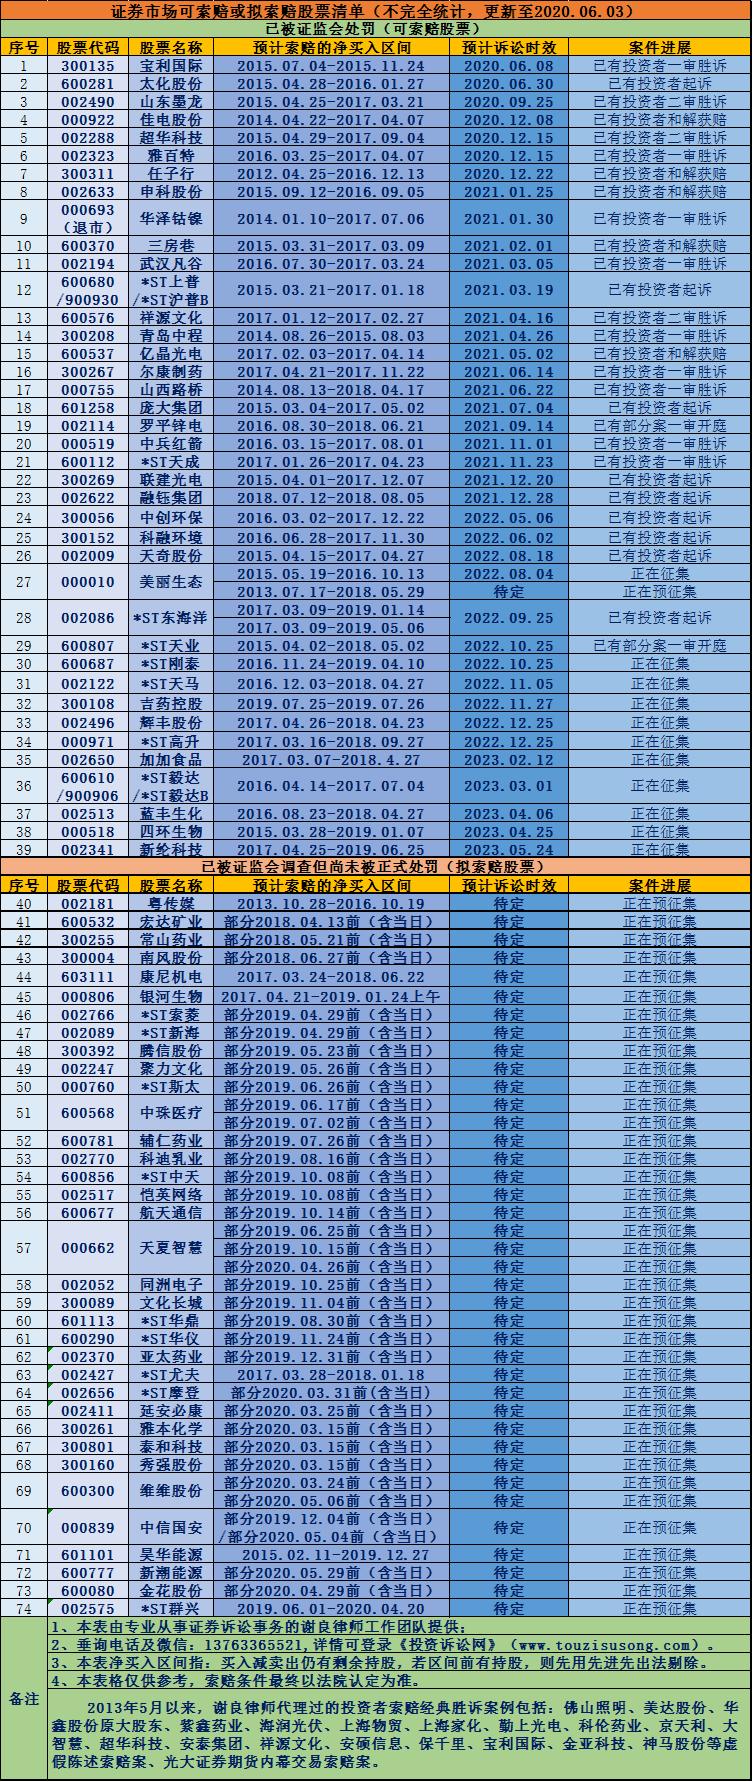 ST海越股票索赔:或涉嫌信息披露违法